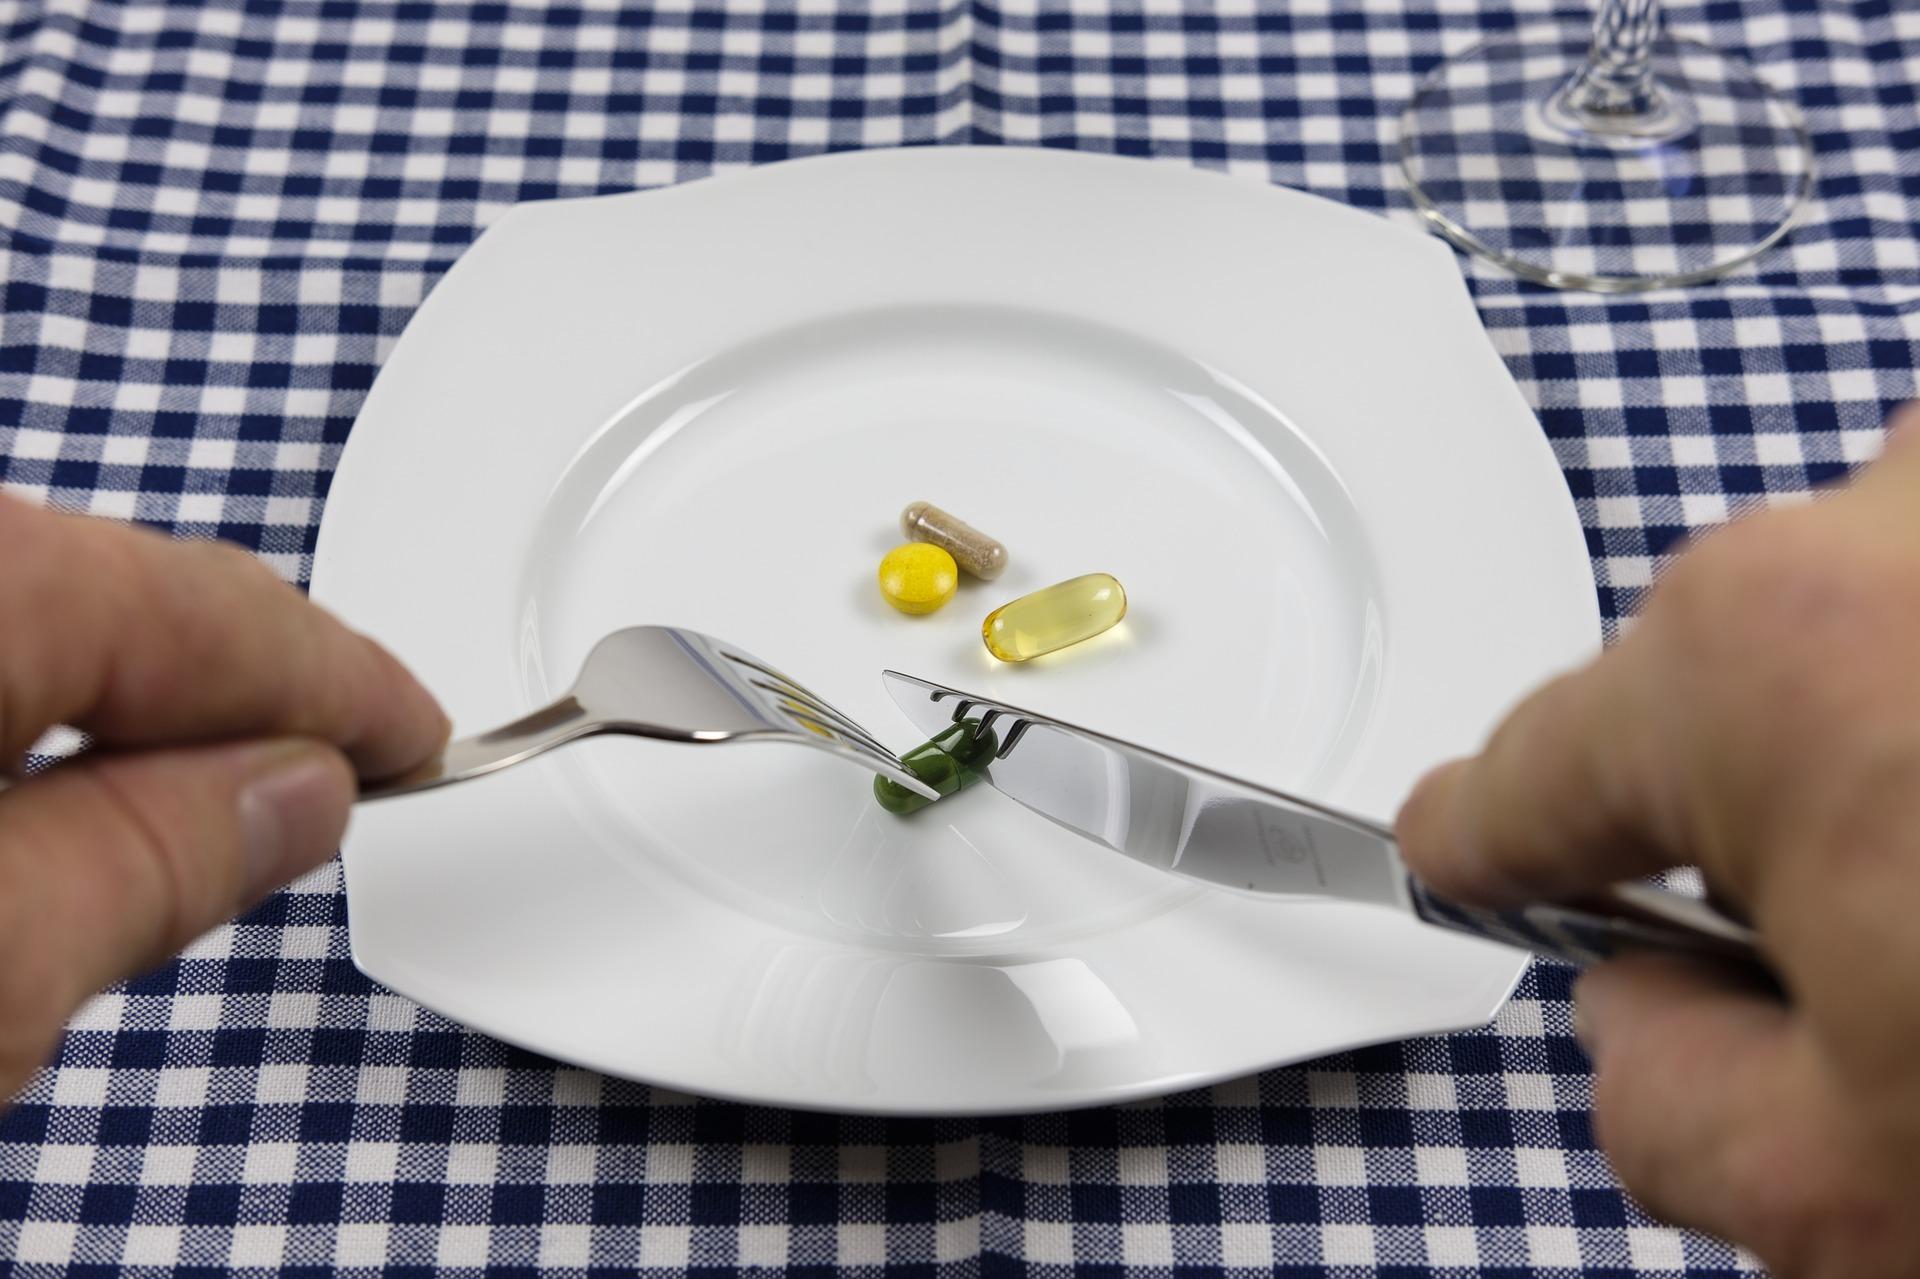 Gli additivi alimentari: conosciamoli meglio